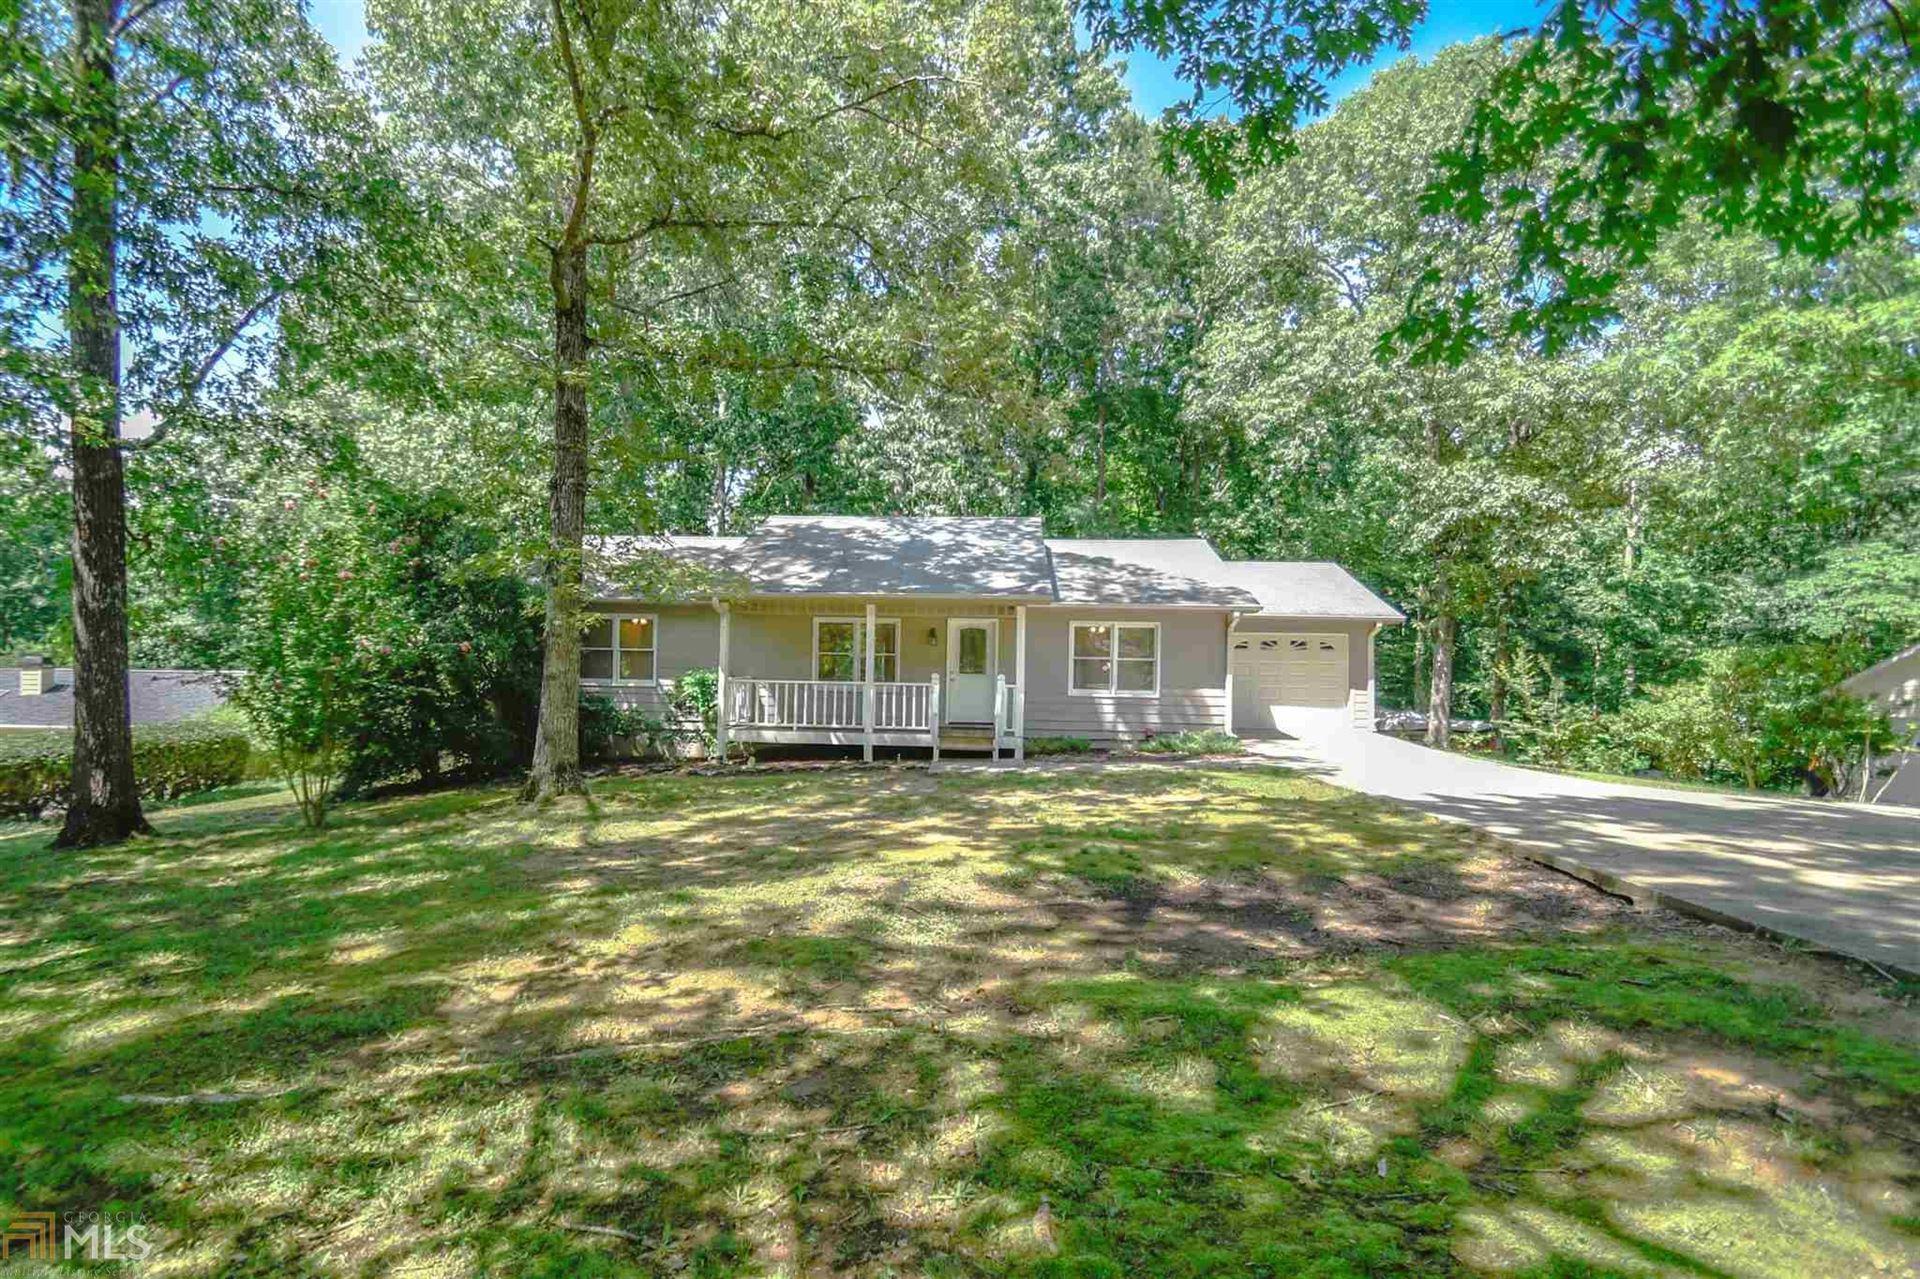 3112 Hidden, Gainesville, GA 30506 - MLS#: 8811001